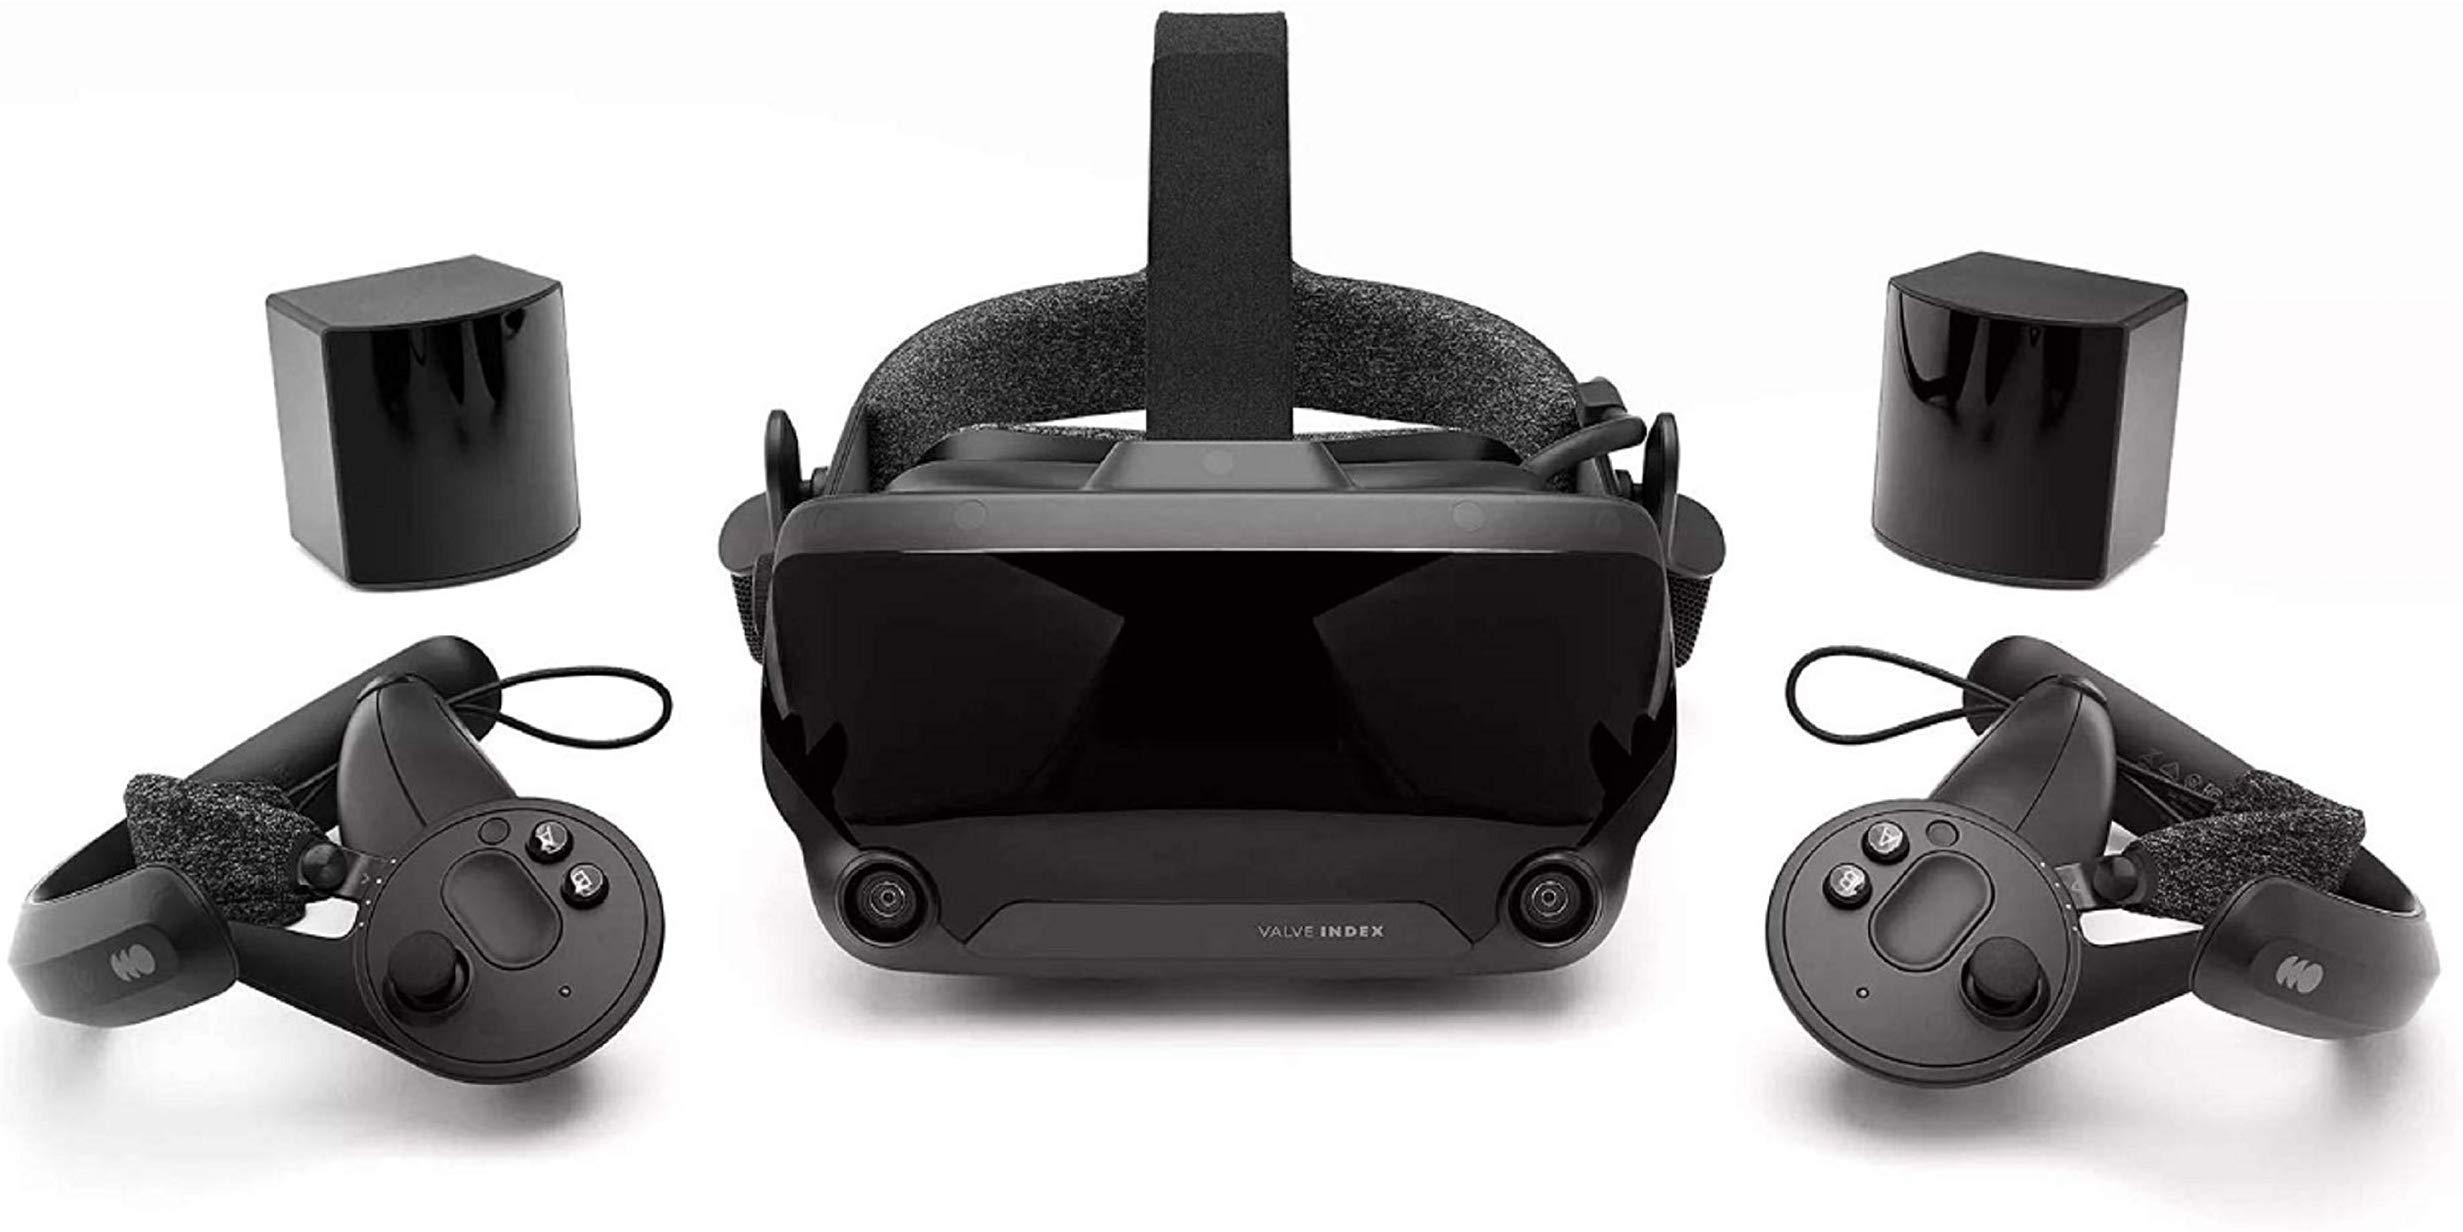 《半条命Alyx》是VR的传统线性冒险 随时存档无多人模式